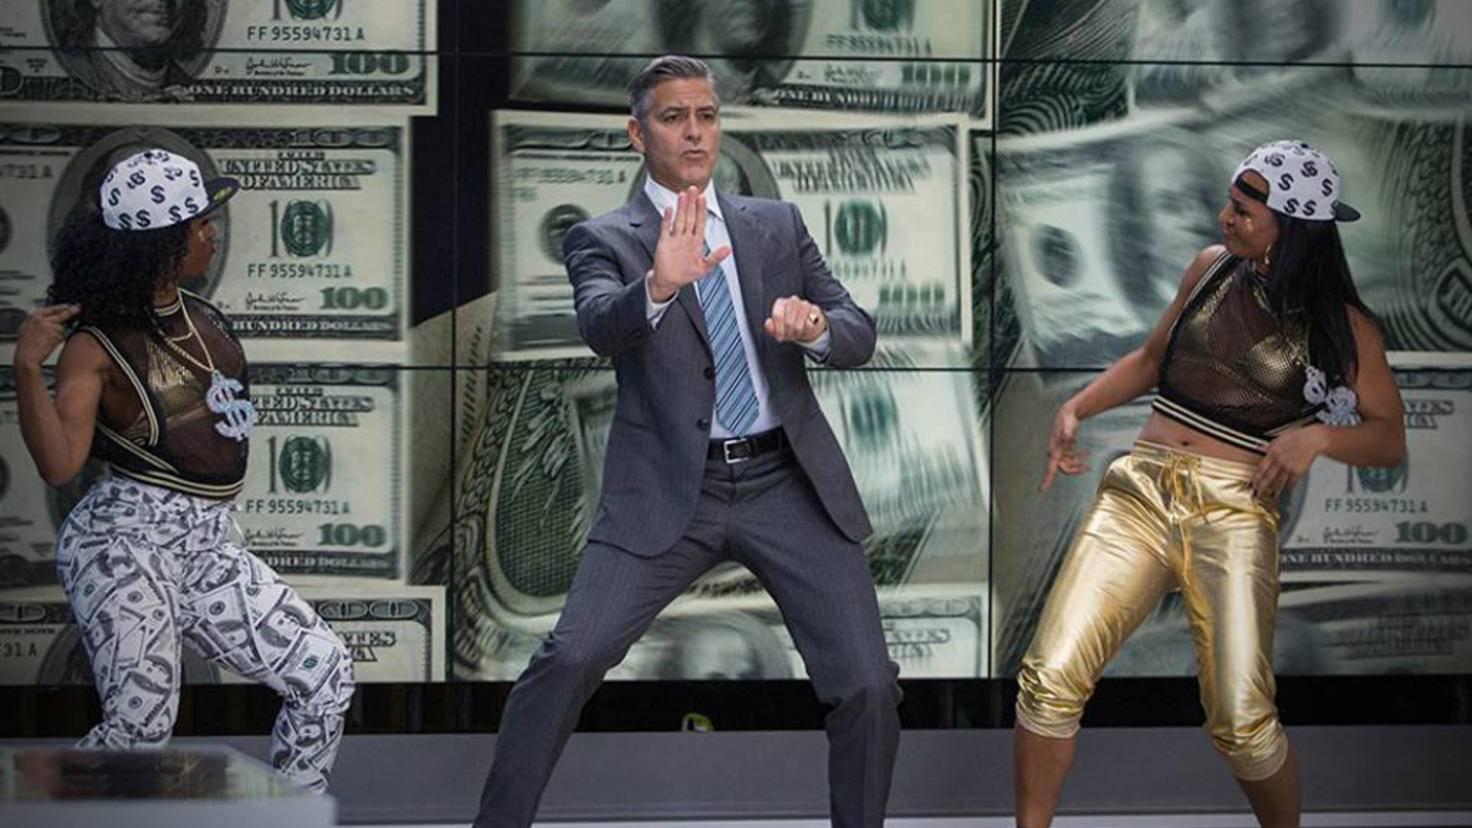 Schauspieler? Model? Nein, danke! George Cloones strebte zunächst eine Profisportkarriere an.